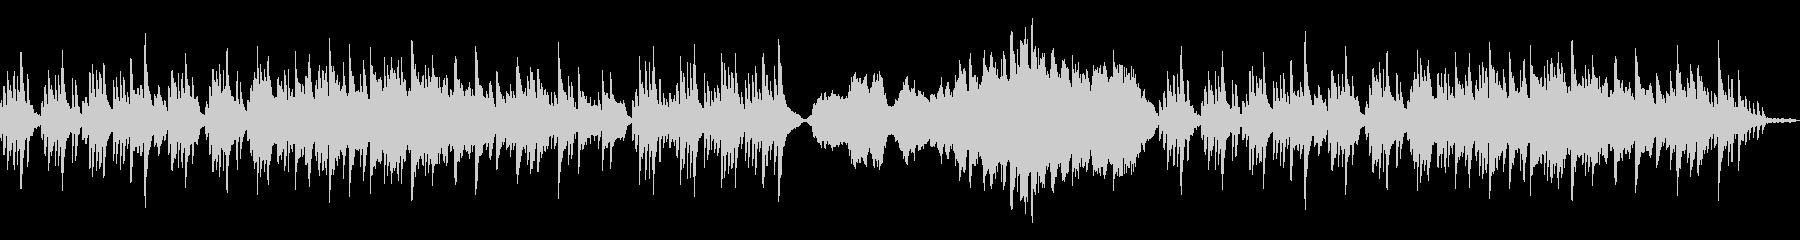 物悲しい雰囲気のBGMの未再生の波形